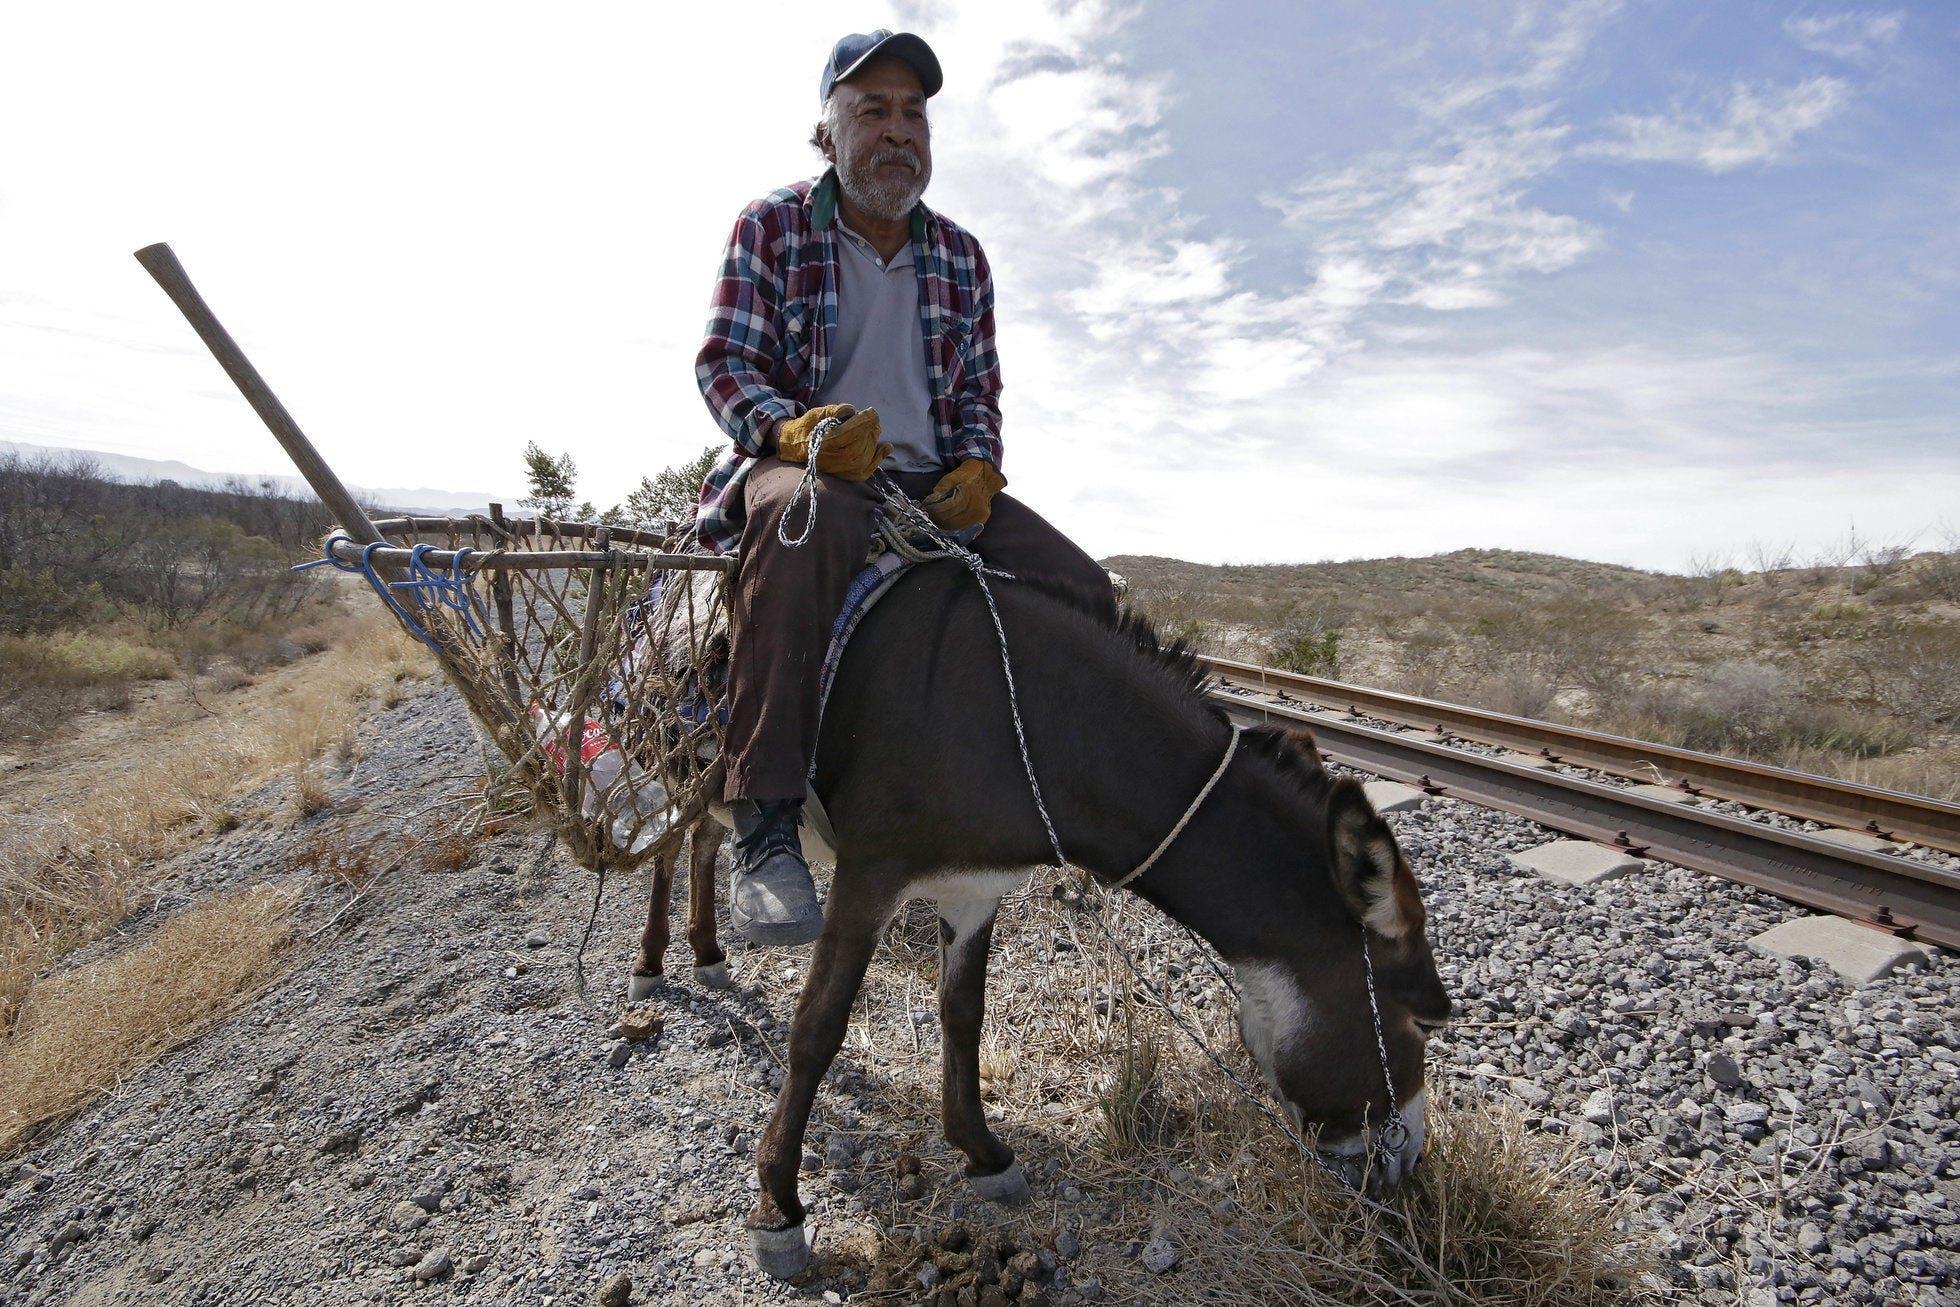 Un hombre monta un burro. El se dedica a recolectar chatarra a un lado de las vias.